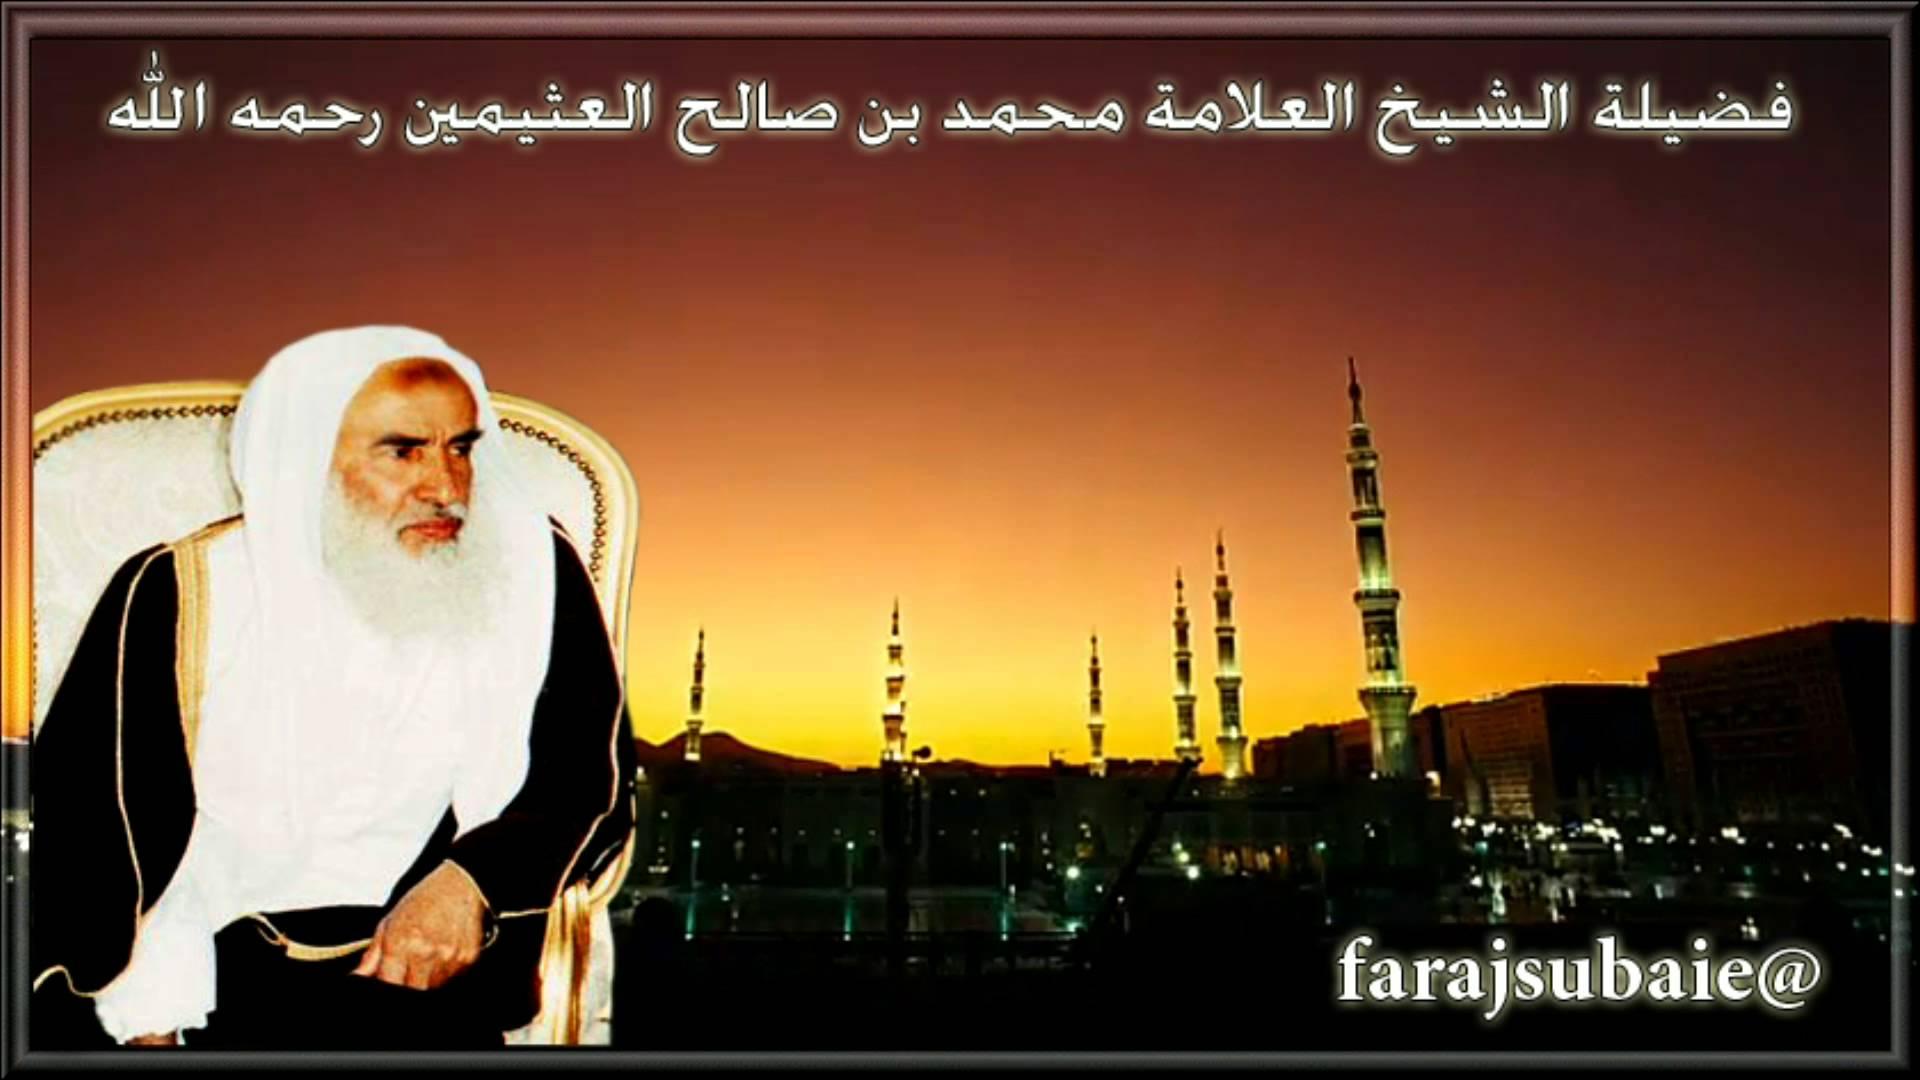 صور 18 فتوى رمضانية لابن عثيمين رحمه الله